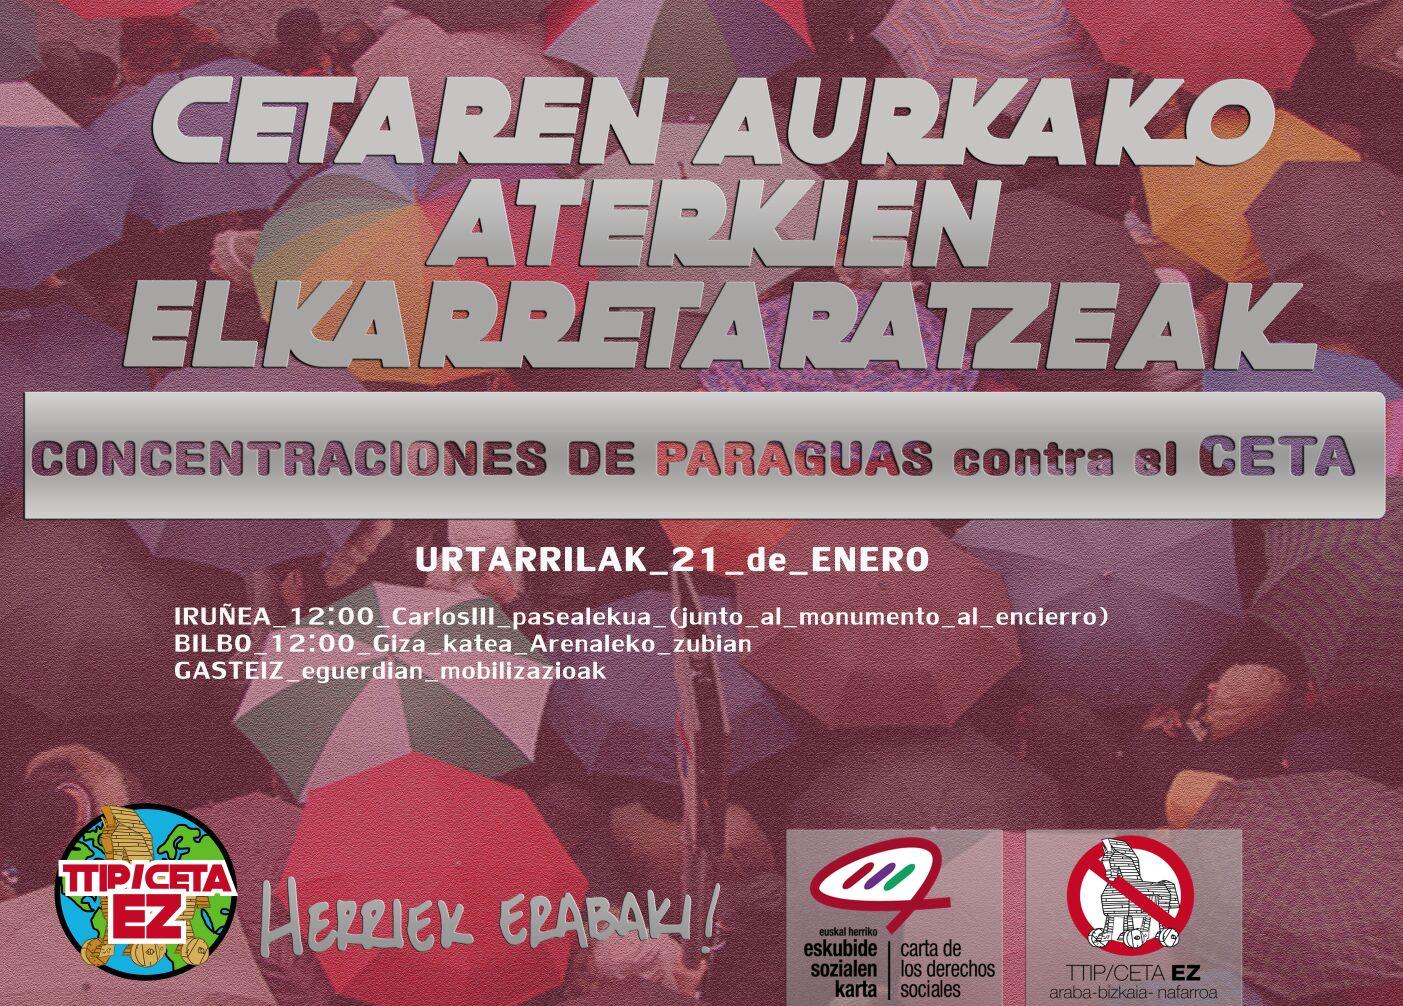 Concentración de paraguas contra el CETA